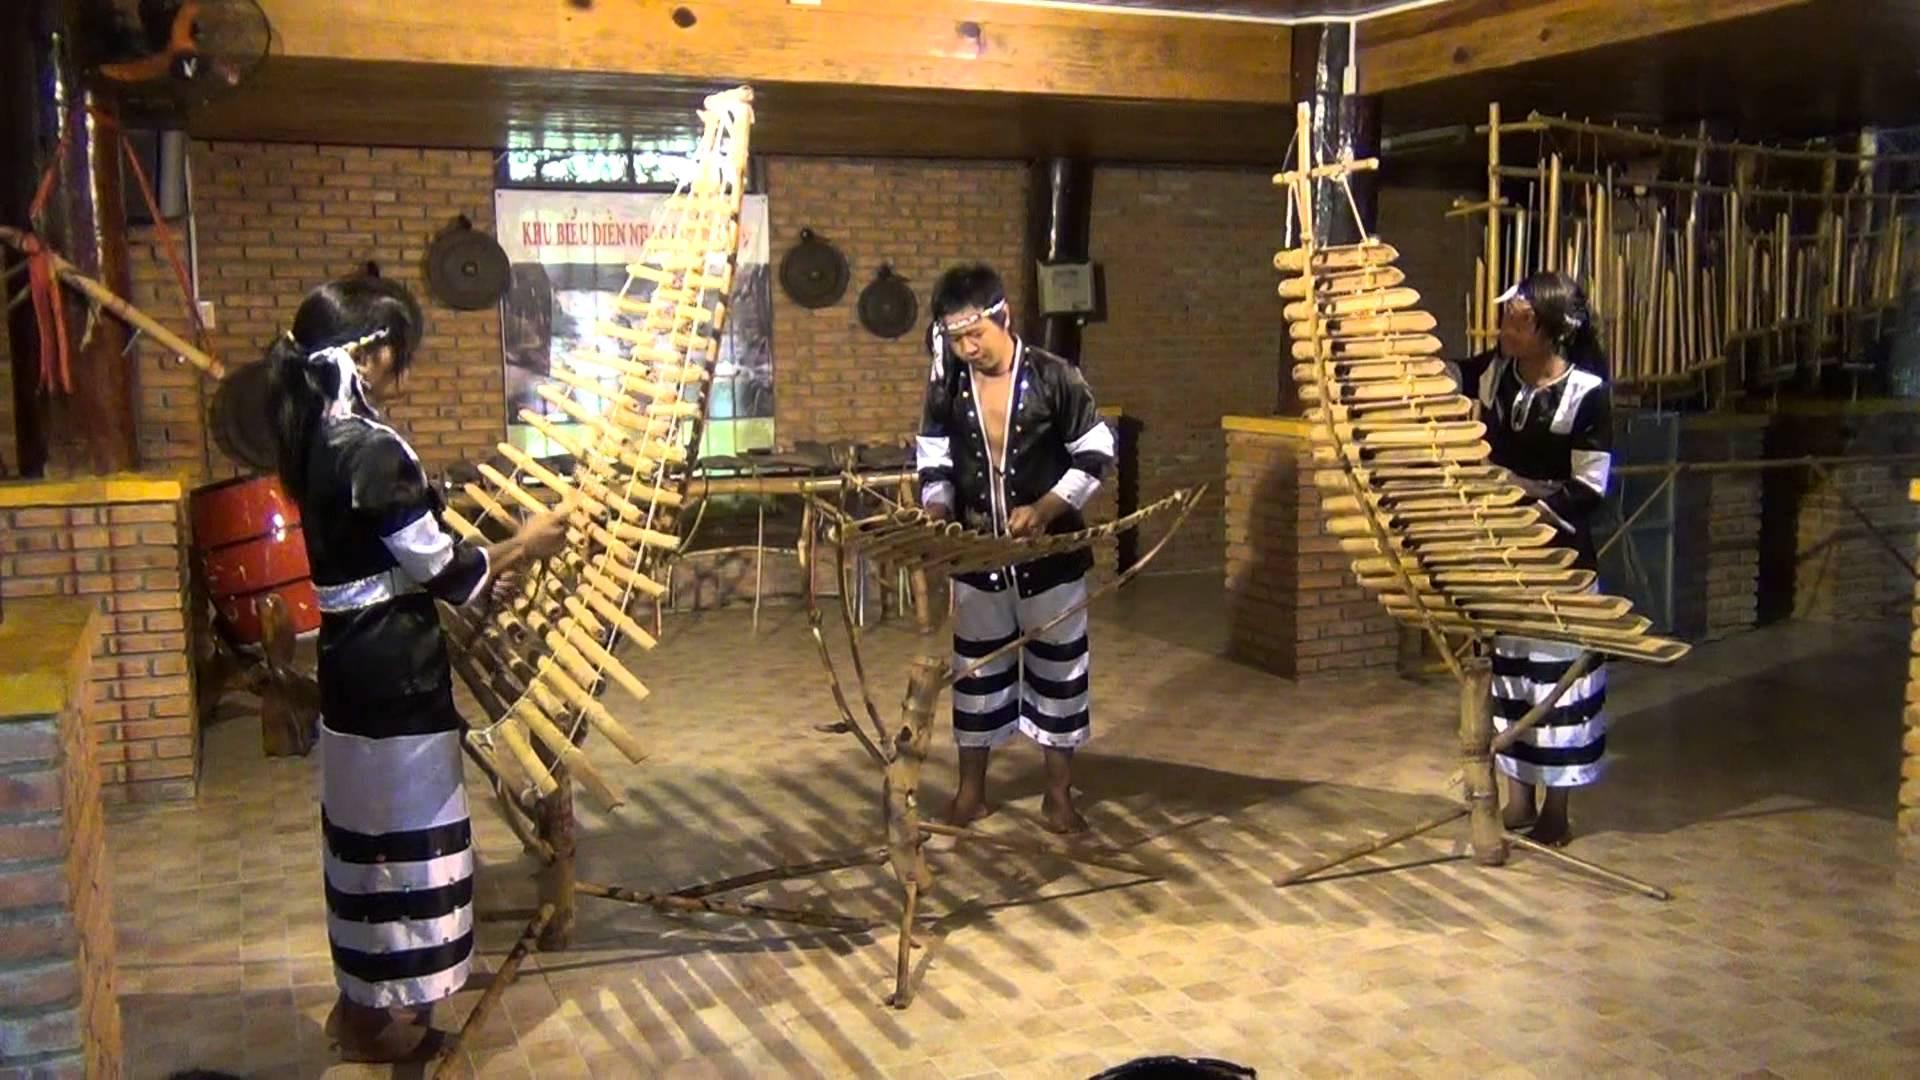 Nhà trưng bày nhạc cụ dân tộc - Yang Bay